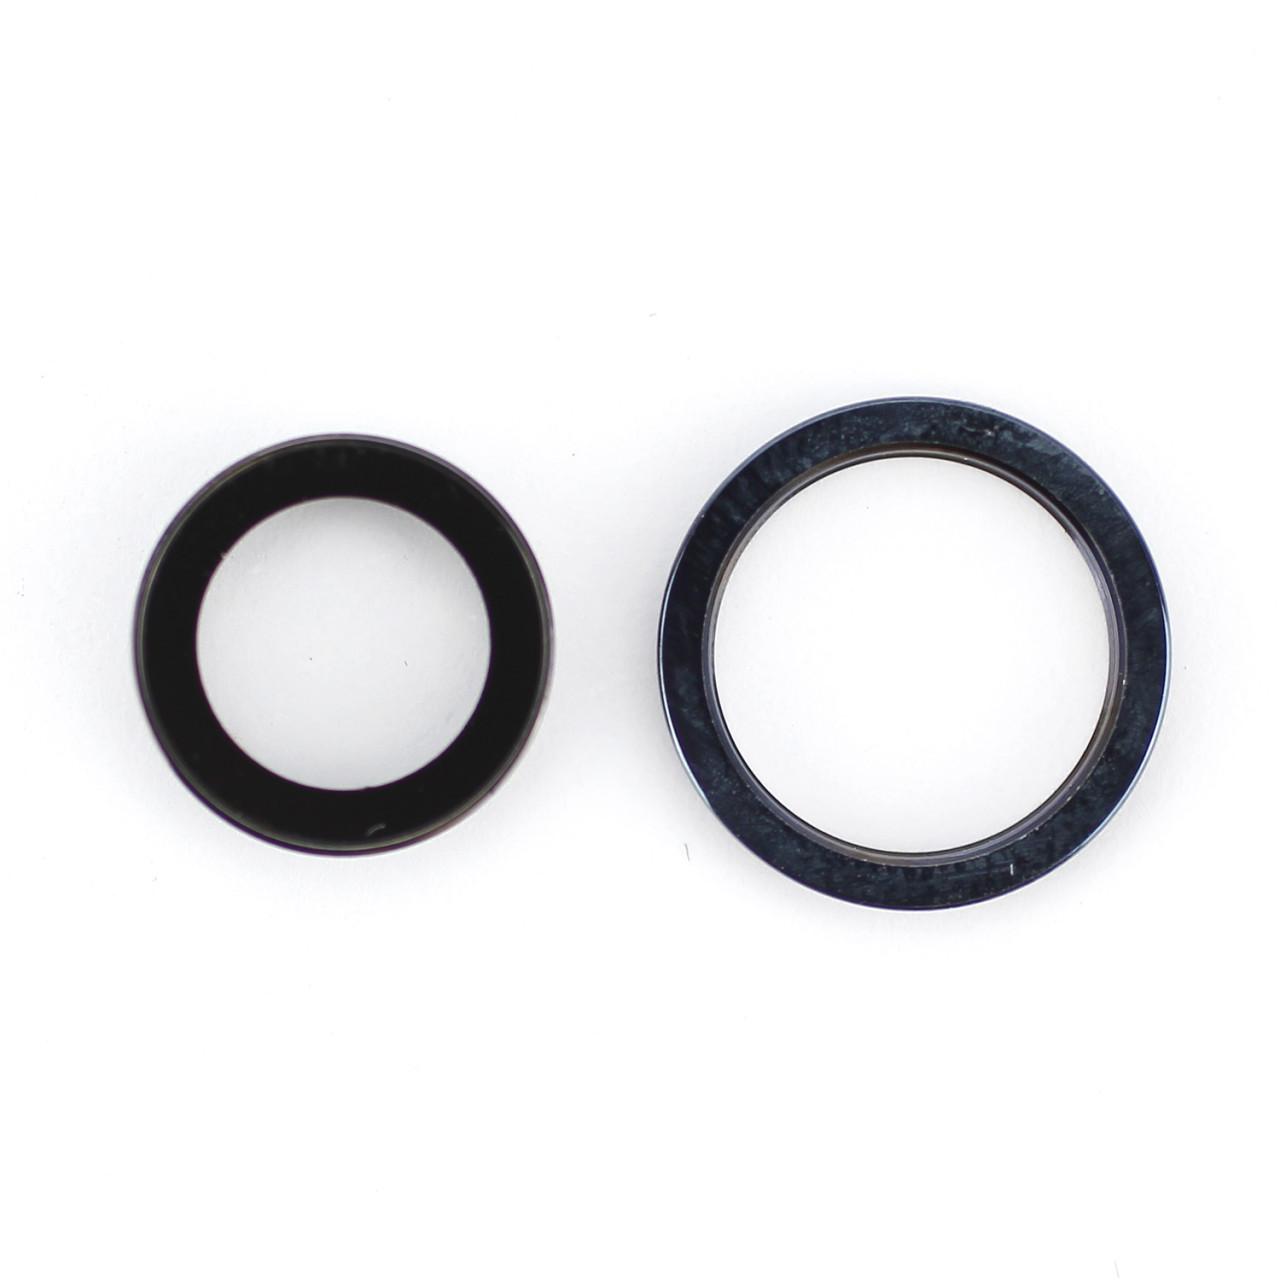 Apple Hauptkamera-Linsen mit Klebesticker, passend für iPhone 12